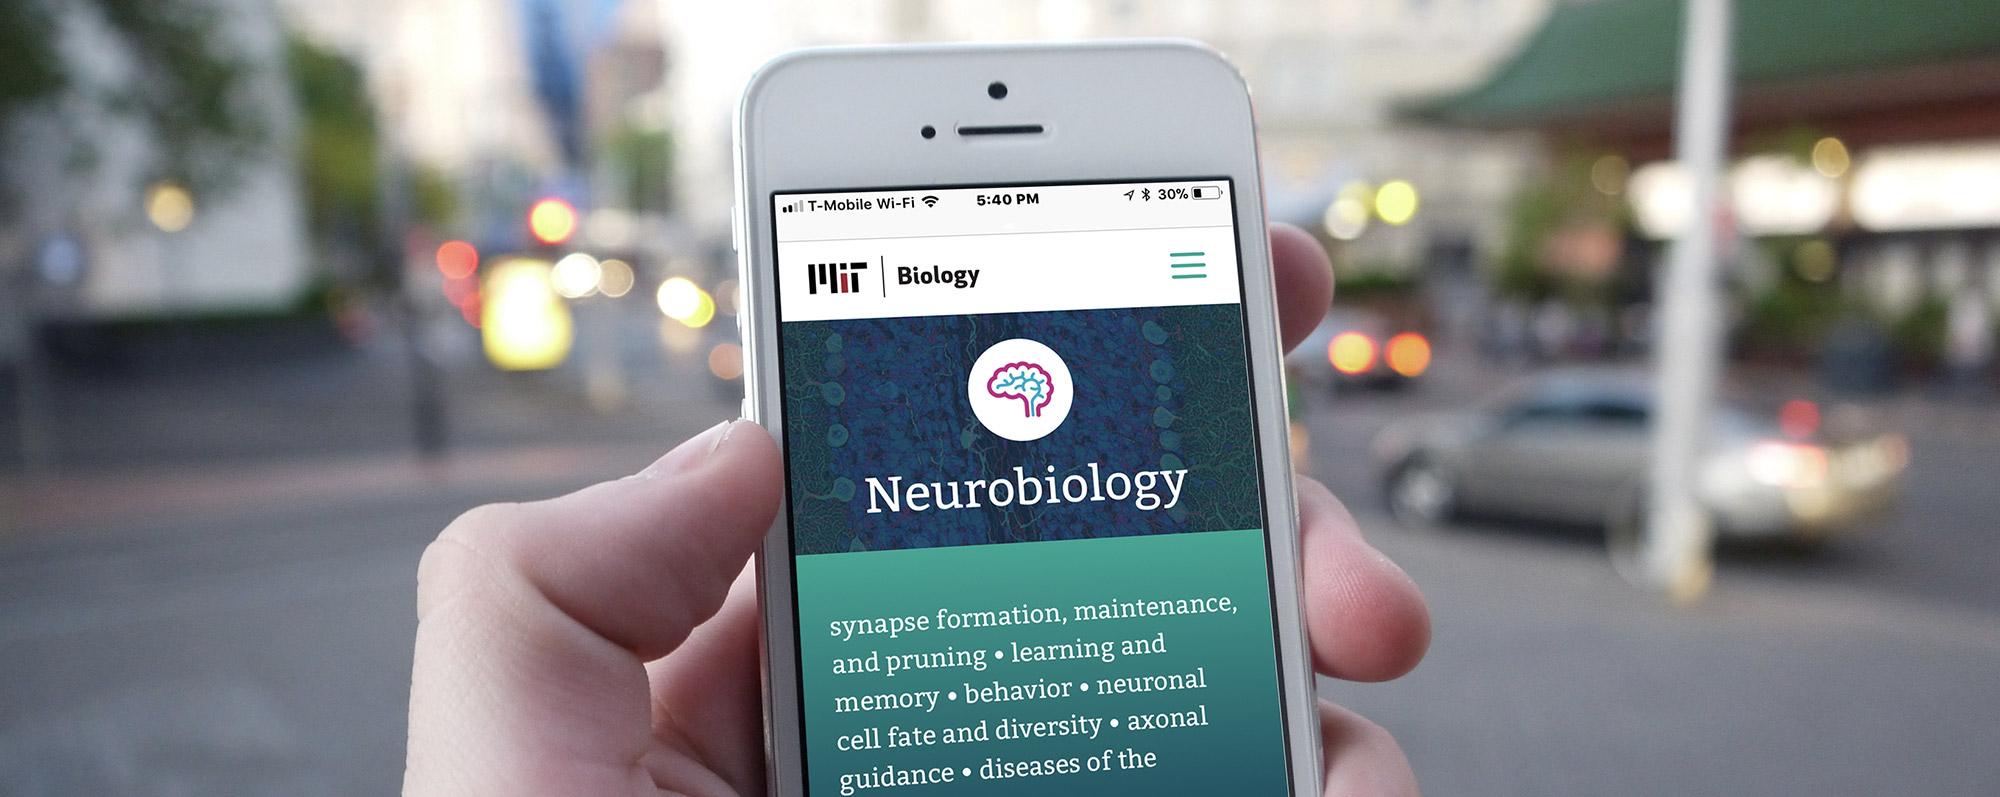 MIT Biology